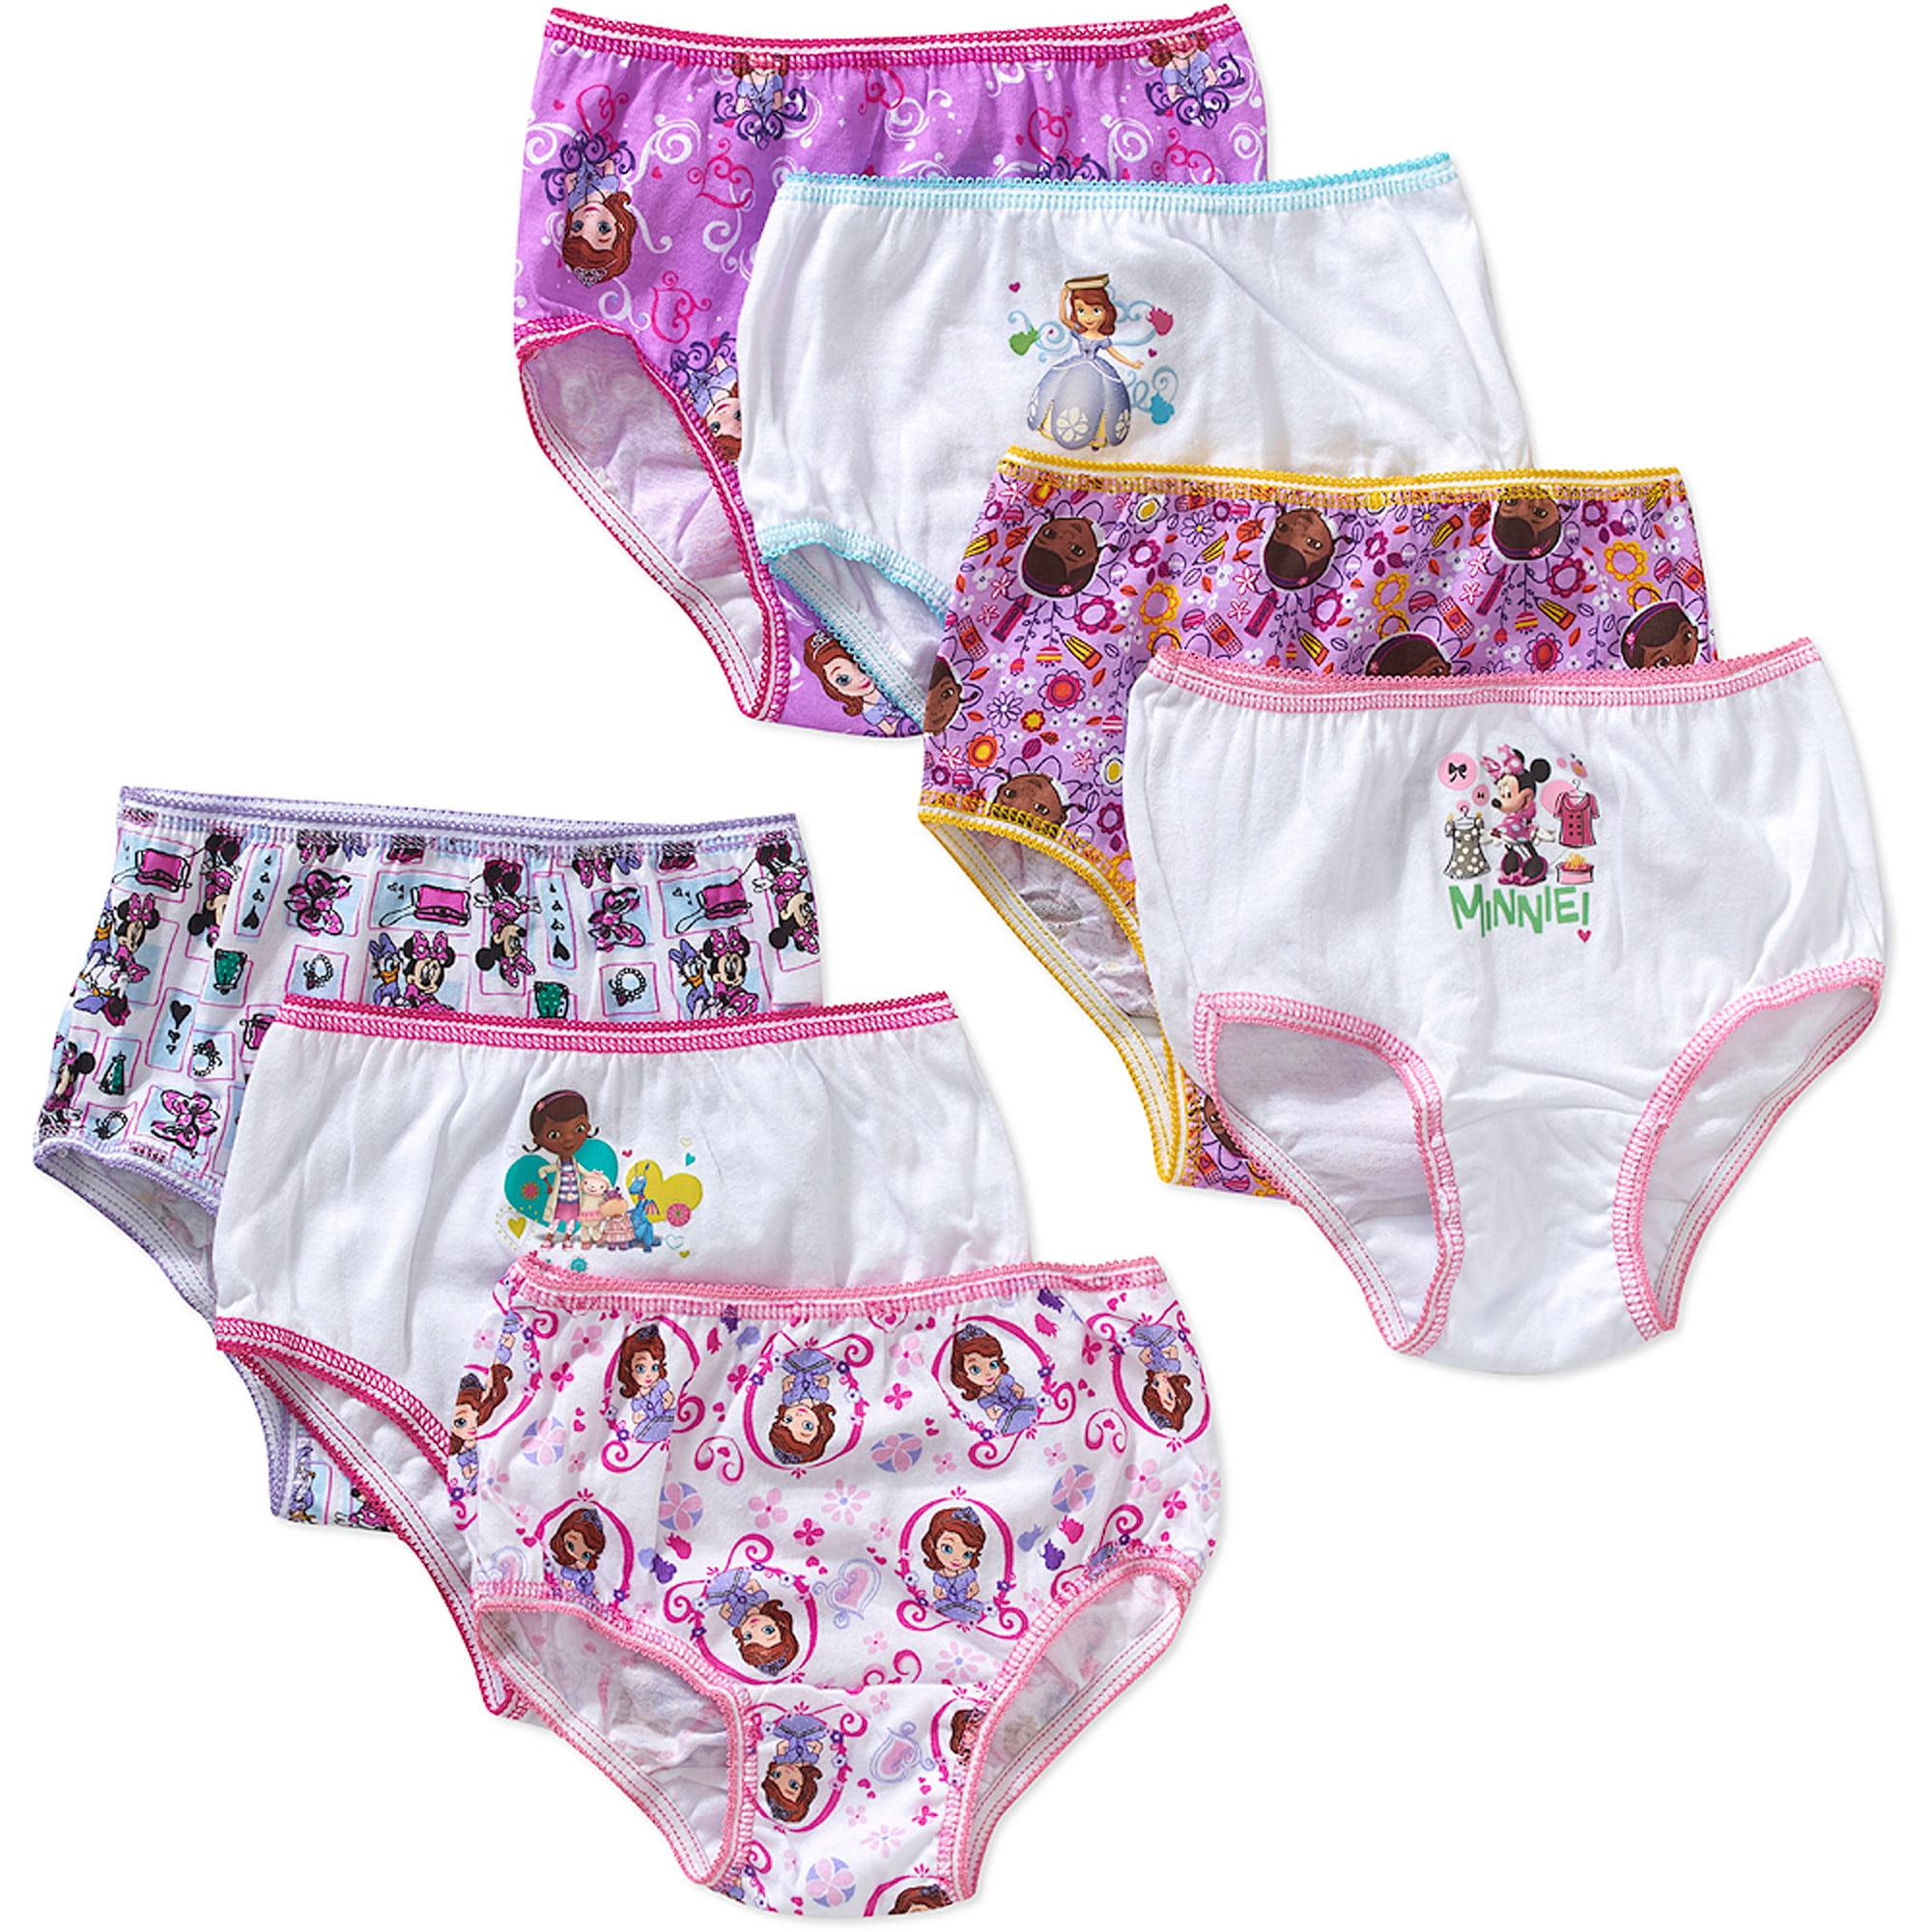 Disney Jr. Toddler Girls Underwear, 7 Pack